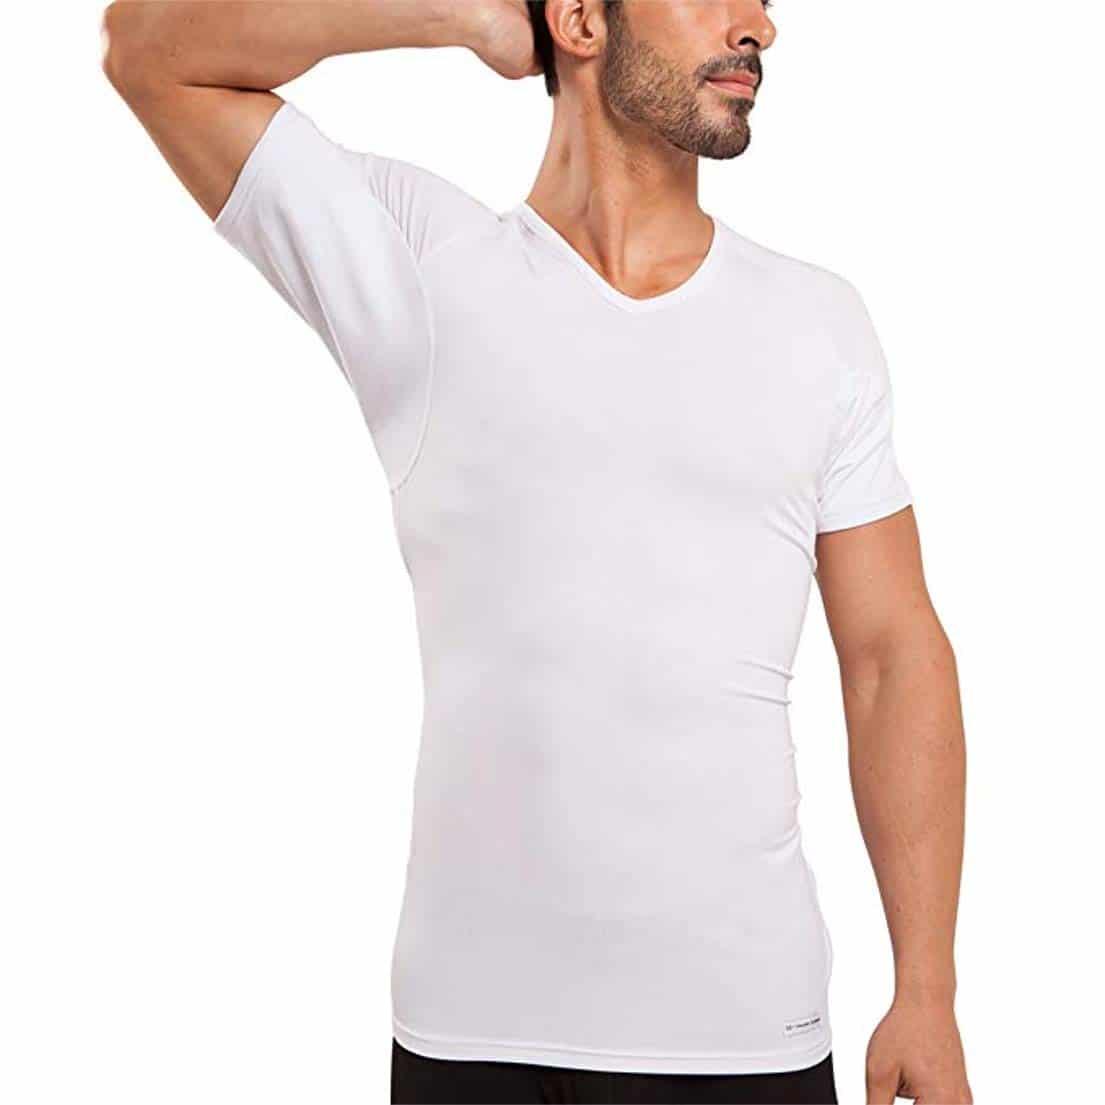 Mồ hôi ở vùng da dưới cánh tay tiết ra nhiều hơn so với với bình thường vào mùa hè